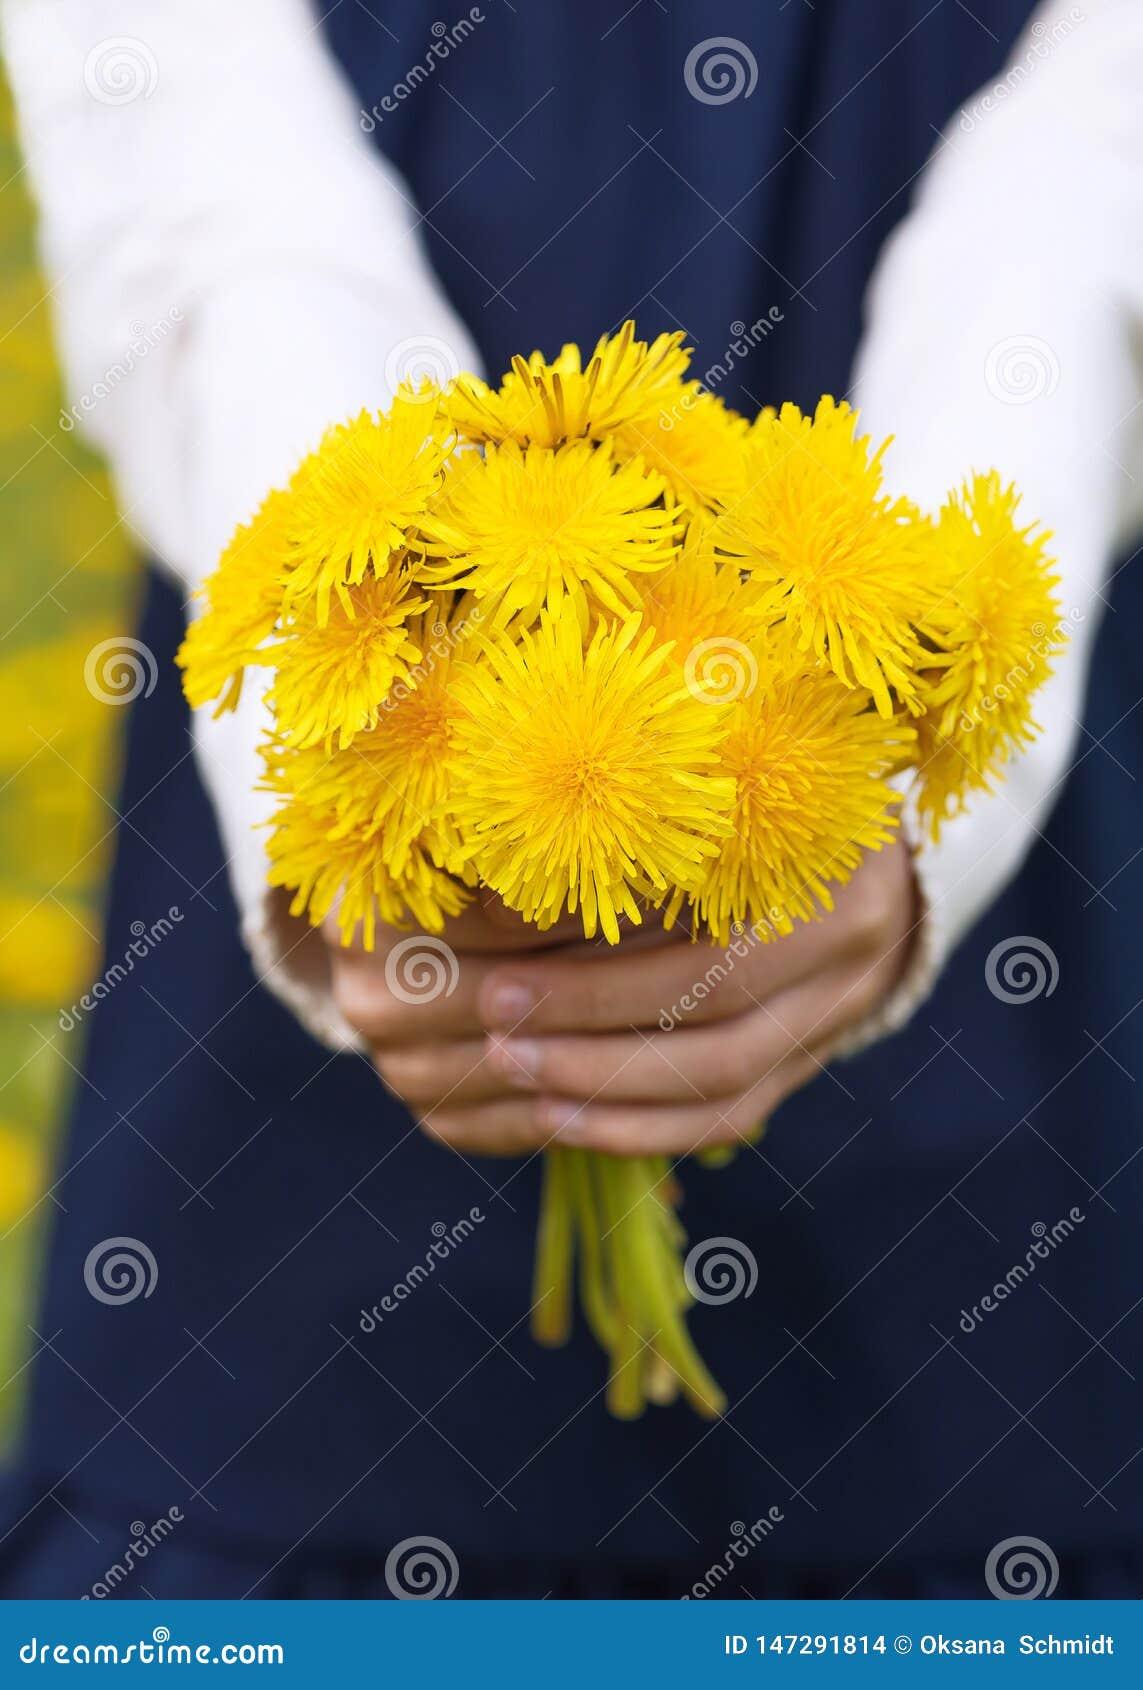 Dziewczyn ręki trzyma bukiet jaskrawi żółci dandelions